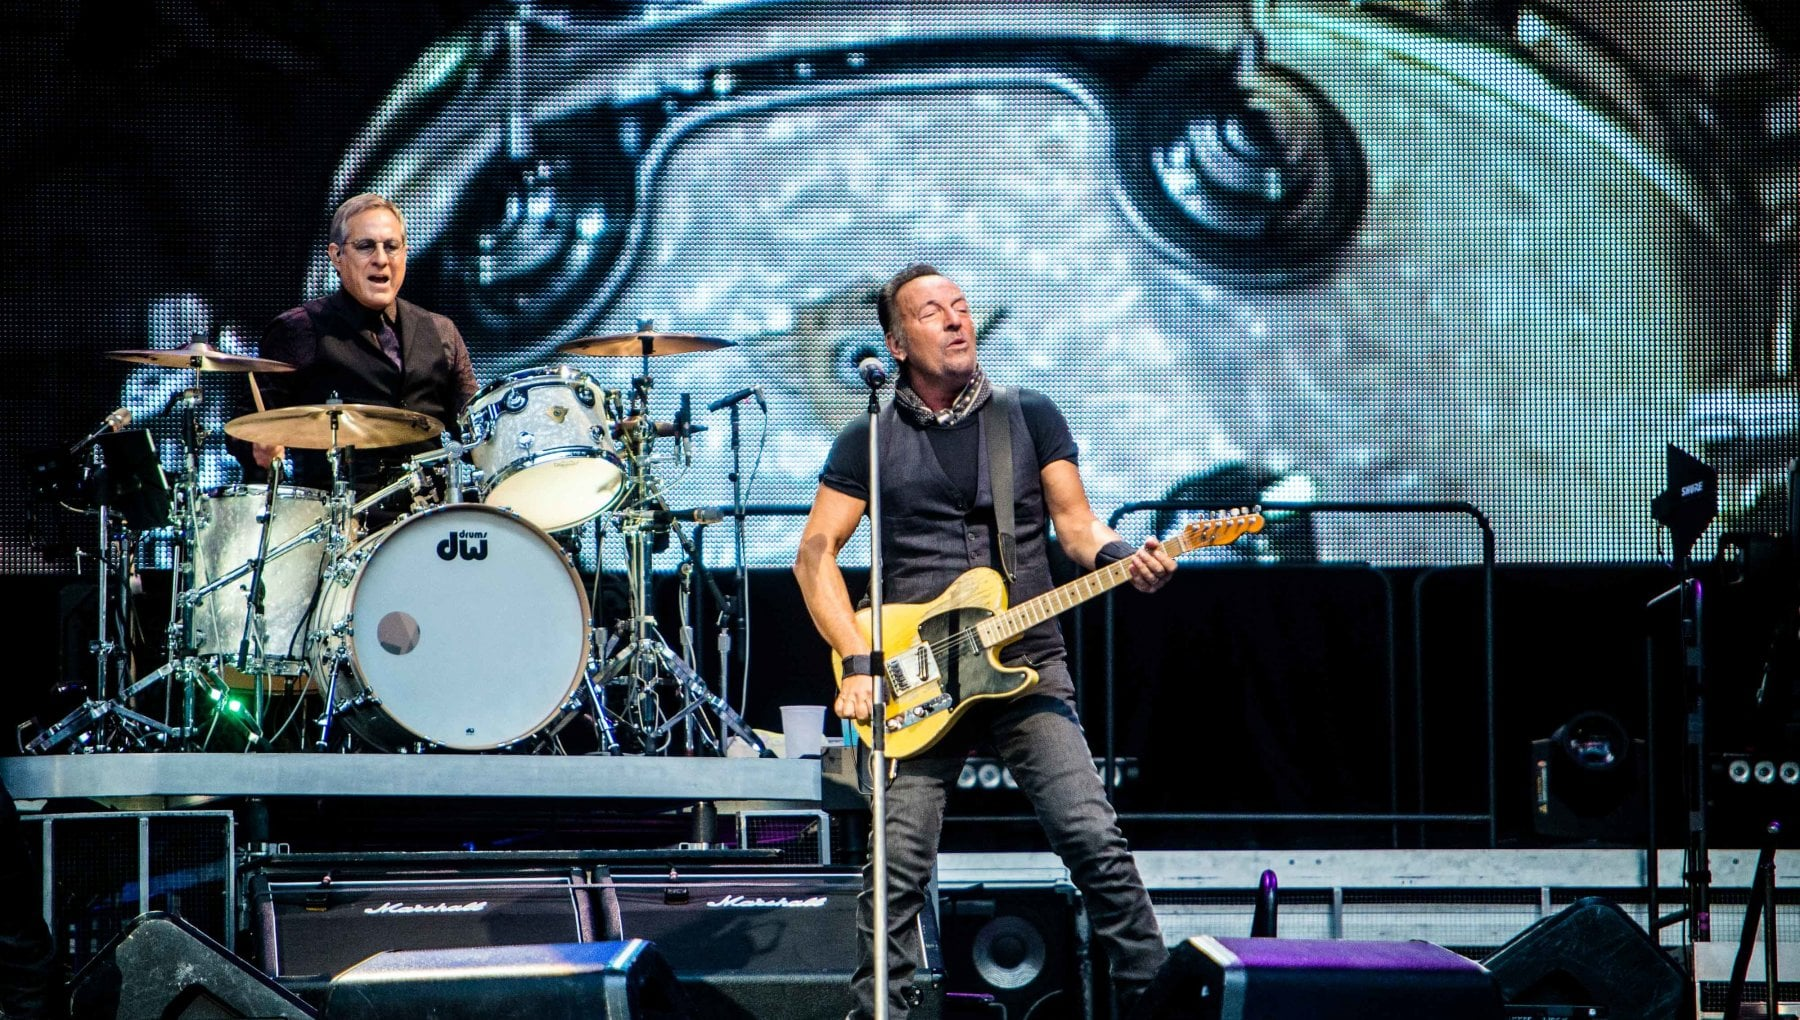 102953813 42288a34 7237 4a5b b06e a085b1c8670e - Firenze, si tratta per il ritorno di Springsteen nel 2022